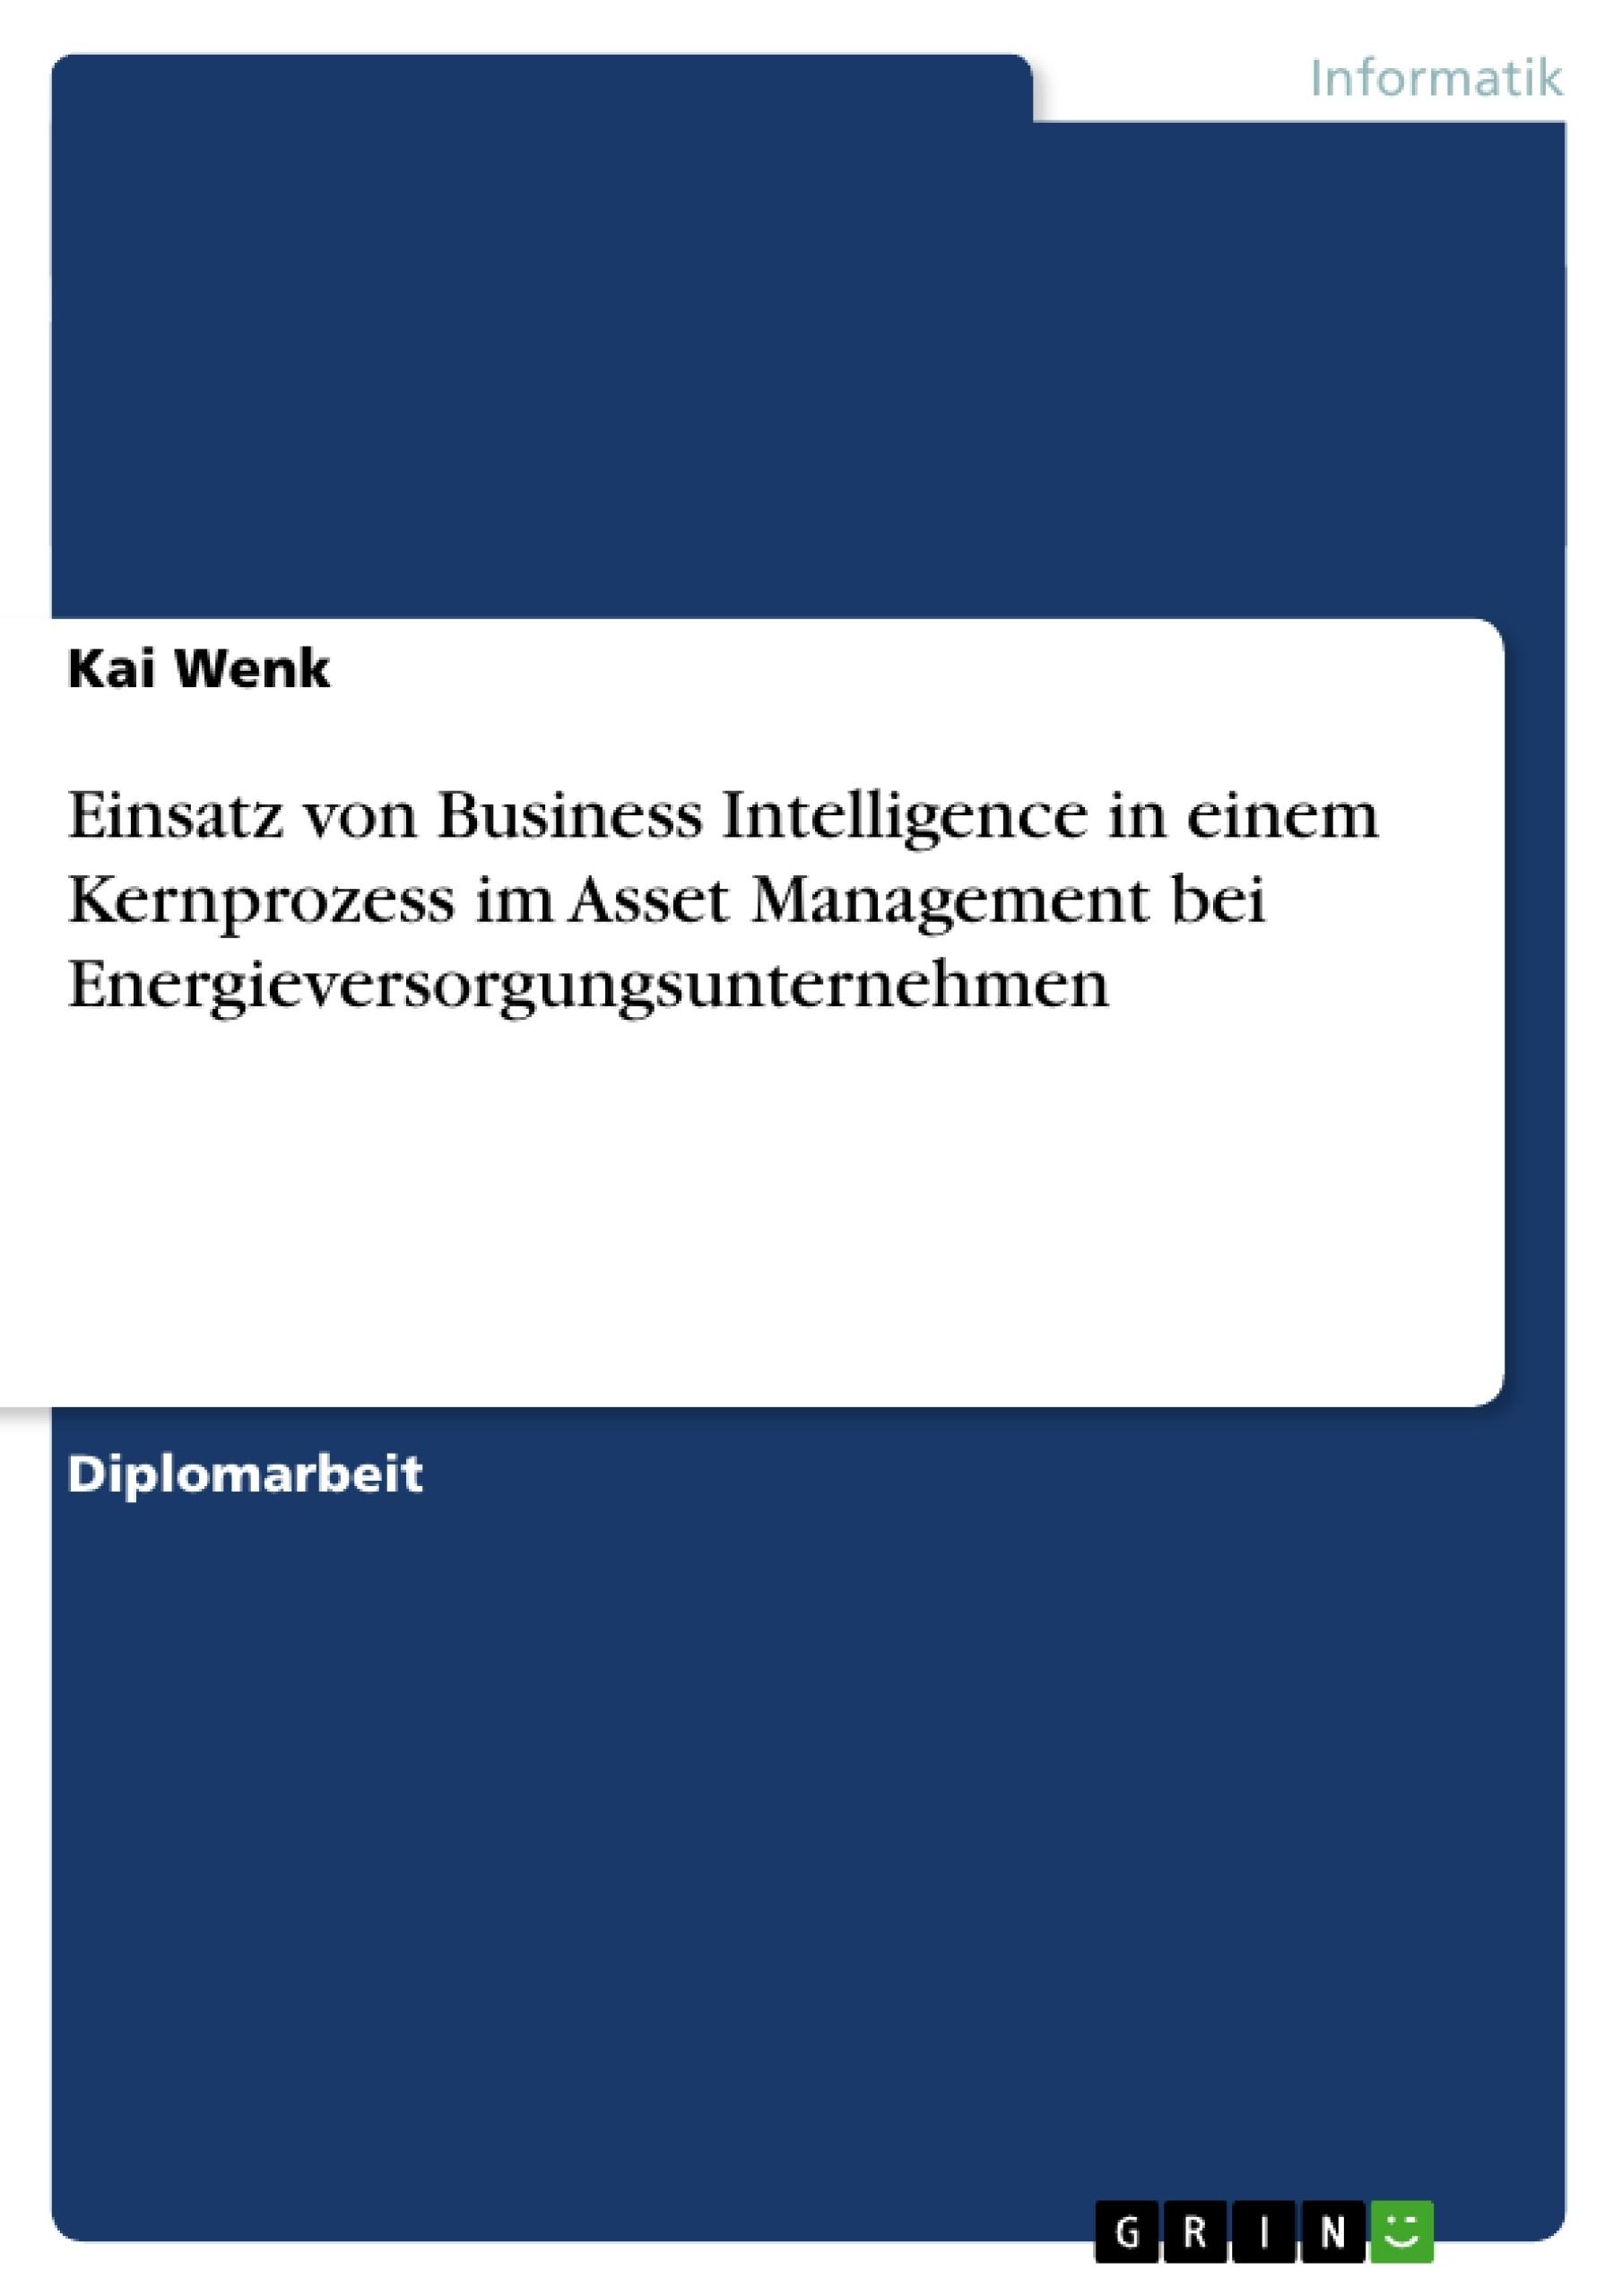 Titel: Einsatz von Business Intelligence in einem Kernprozess im Asset Management bei Energieversorgungsunternehmen